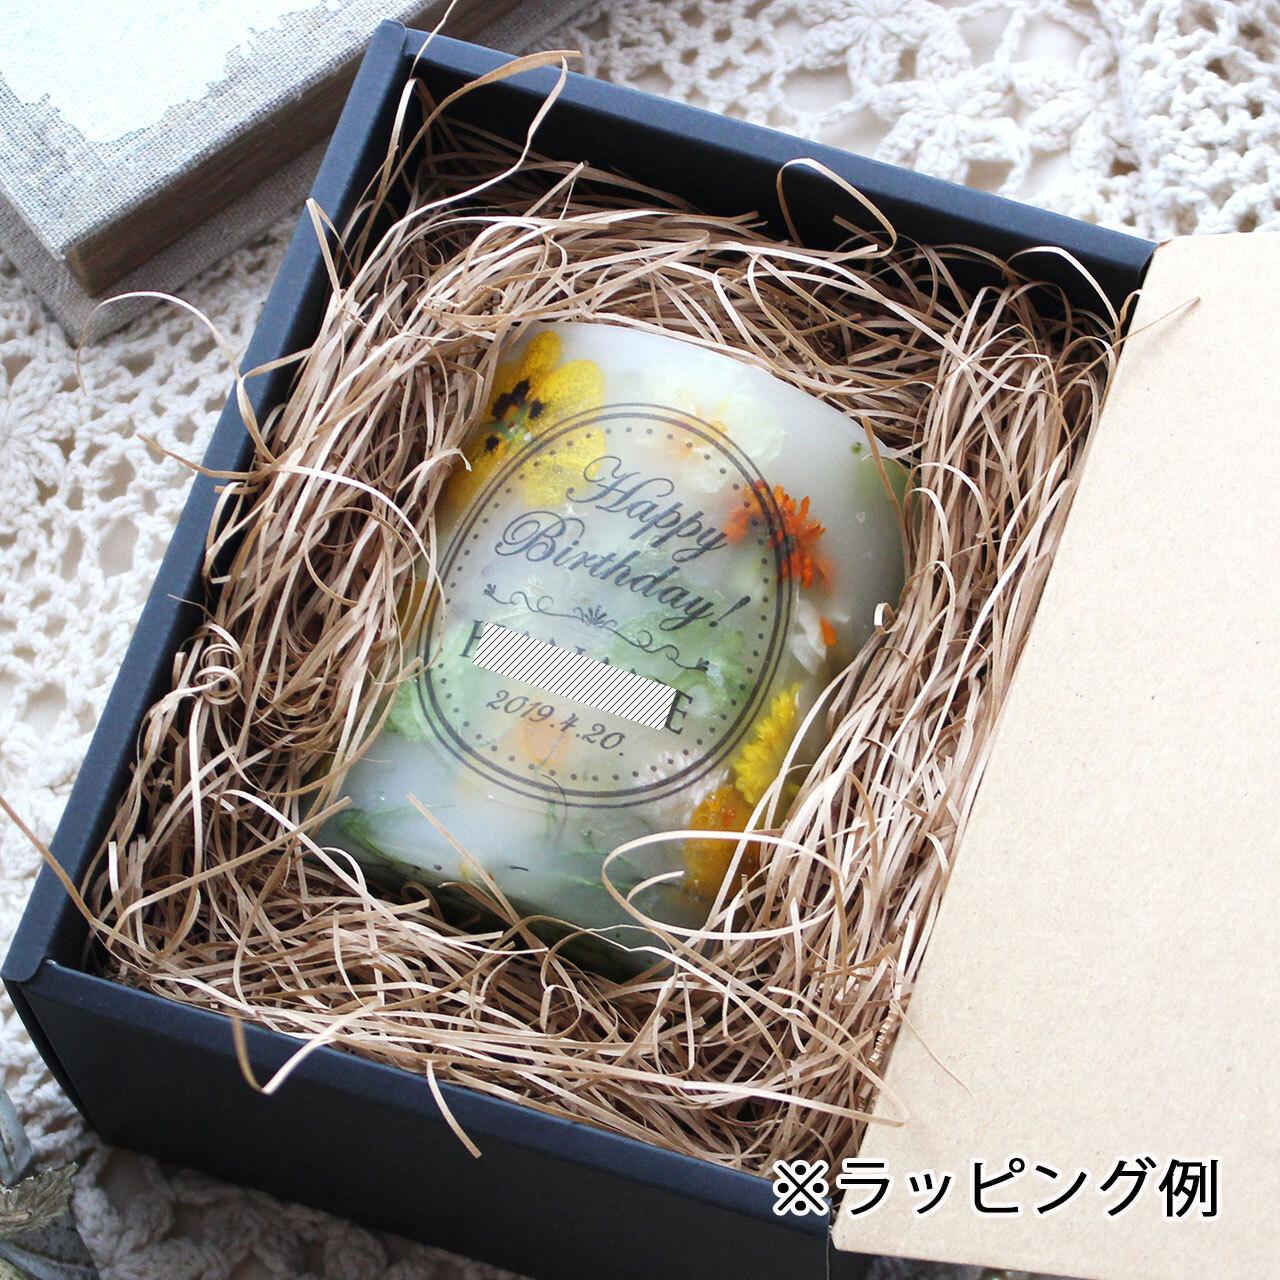 NC299 ギフトラッピング付き☆メッセージ&日付&名入れボタニカルキャンドル ガーデン